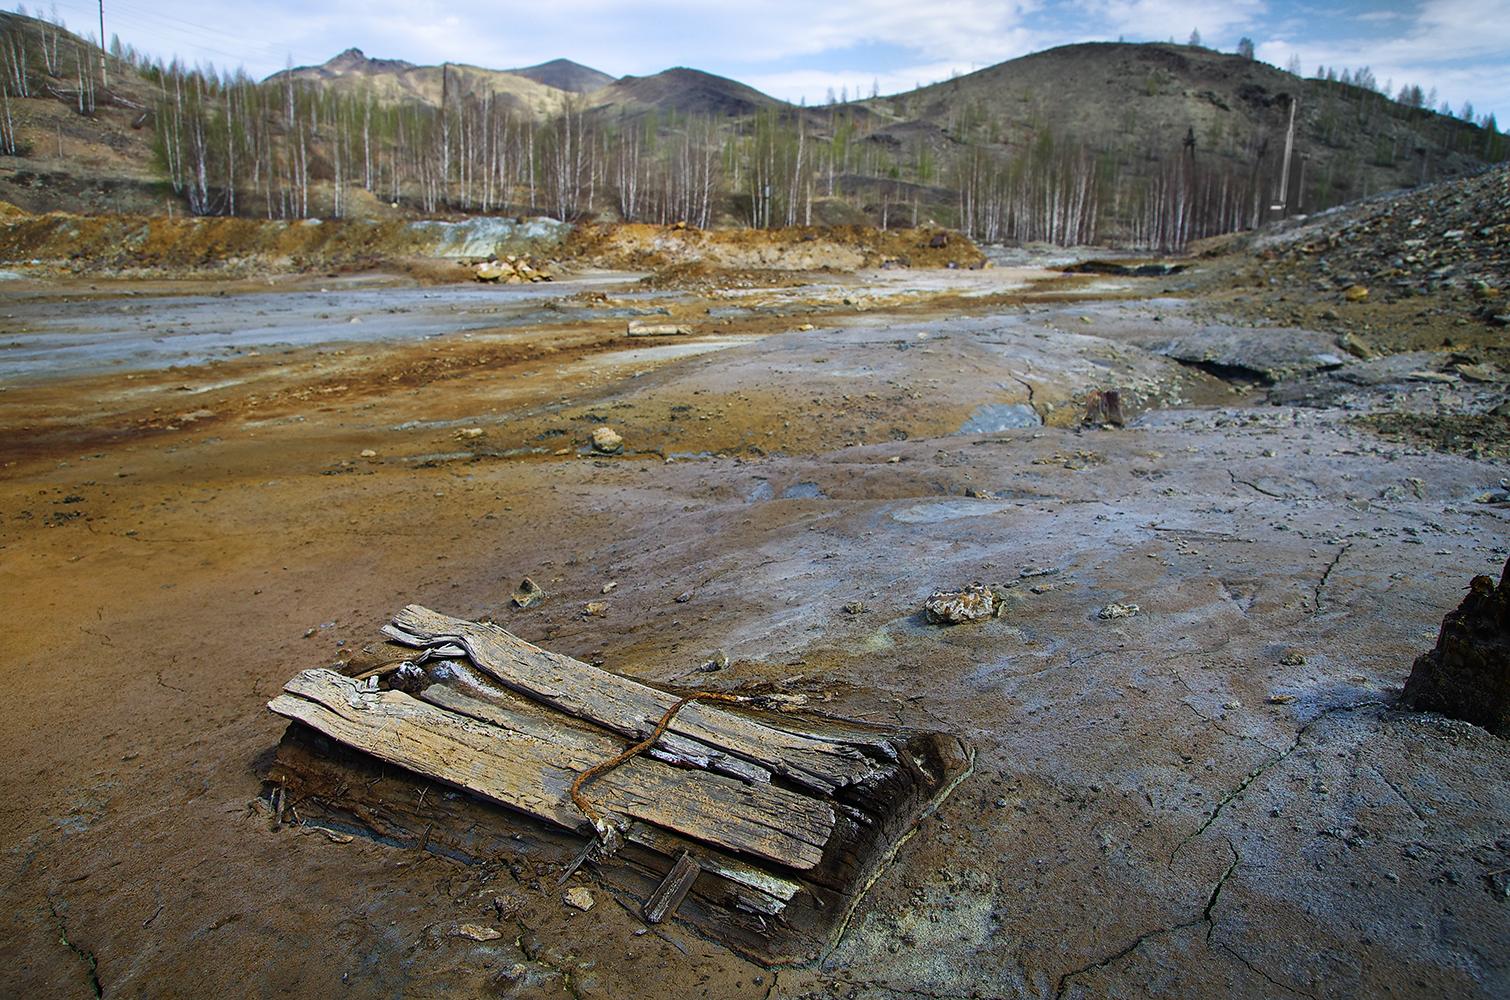 """「1年以上に渡り、私はこの""""もっとも汚染された街""""を研究した。地球人の活動がもたらした結果を社会に見せることが、この(撮影)プロジェクトの目的だ。プロジェクトではカラバシュ市だけでなく、人の手によって汚されたロシアの他の地域も扱って行きたい」と写真家のセルゲイ・コリャスキン氏は話す。 プロジェクトは大規模で、差し迫った問題をぶつけている。"""